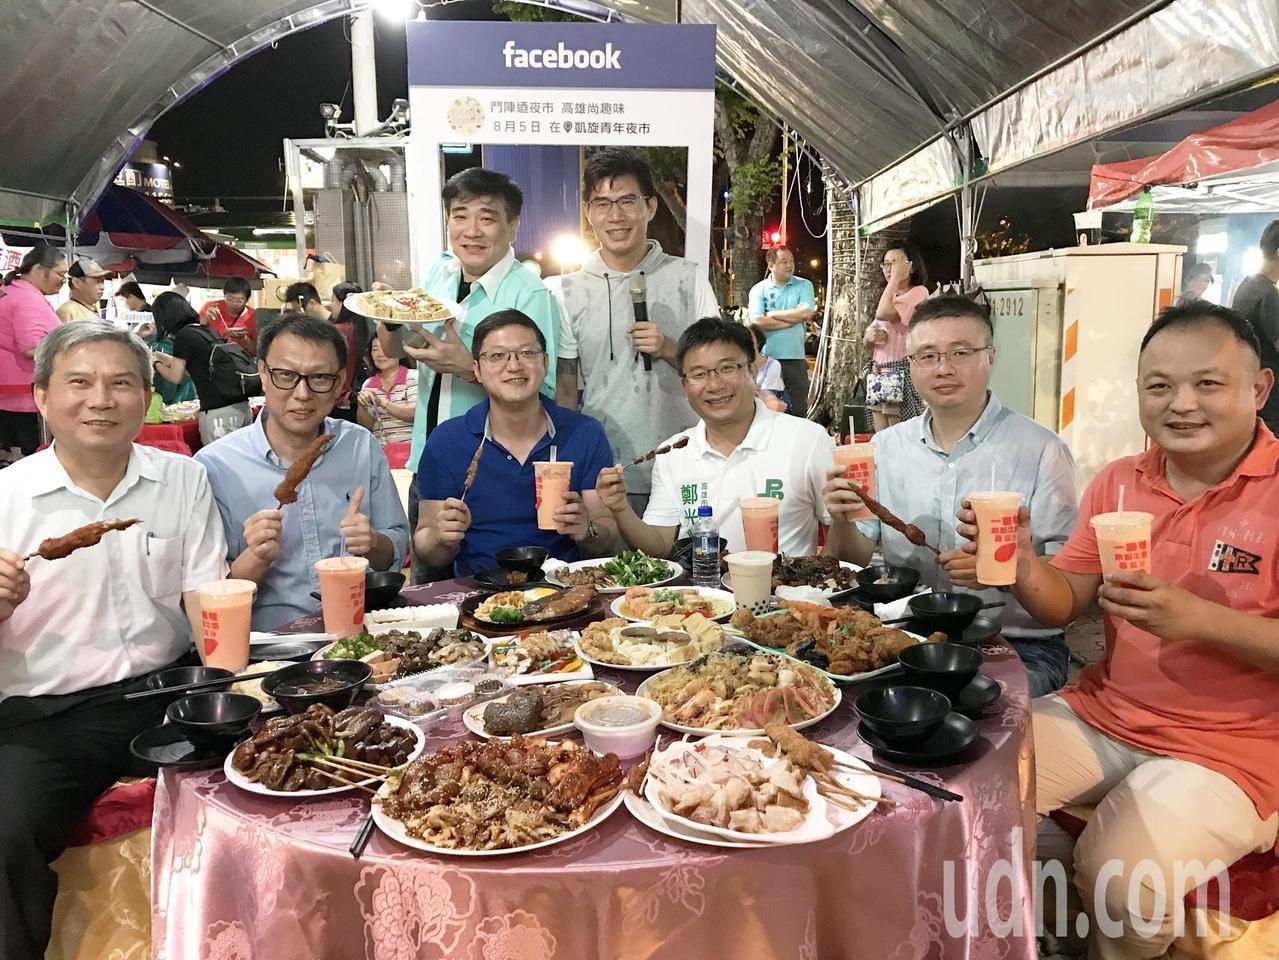 為了推展夜市觀光,高雄市經發局今天特別在凱旋青年夜市舉辦「人氣美食餐桌宴」活動,...